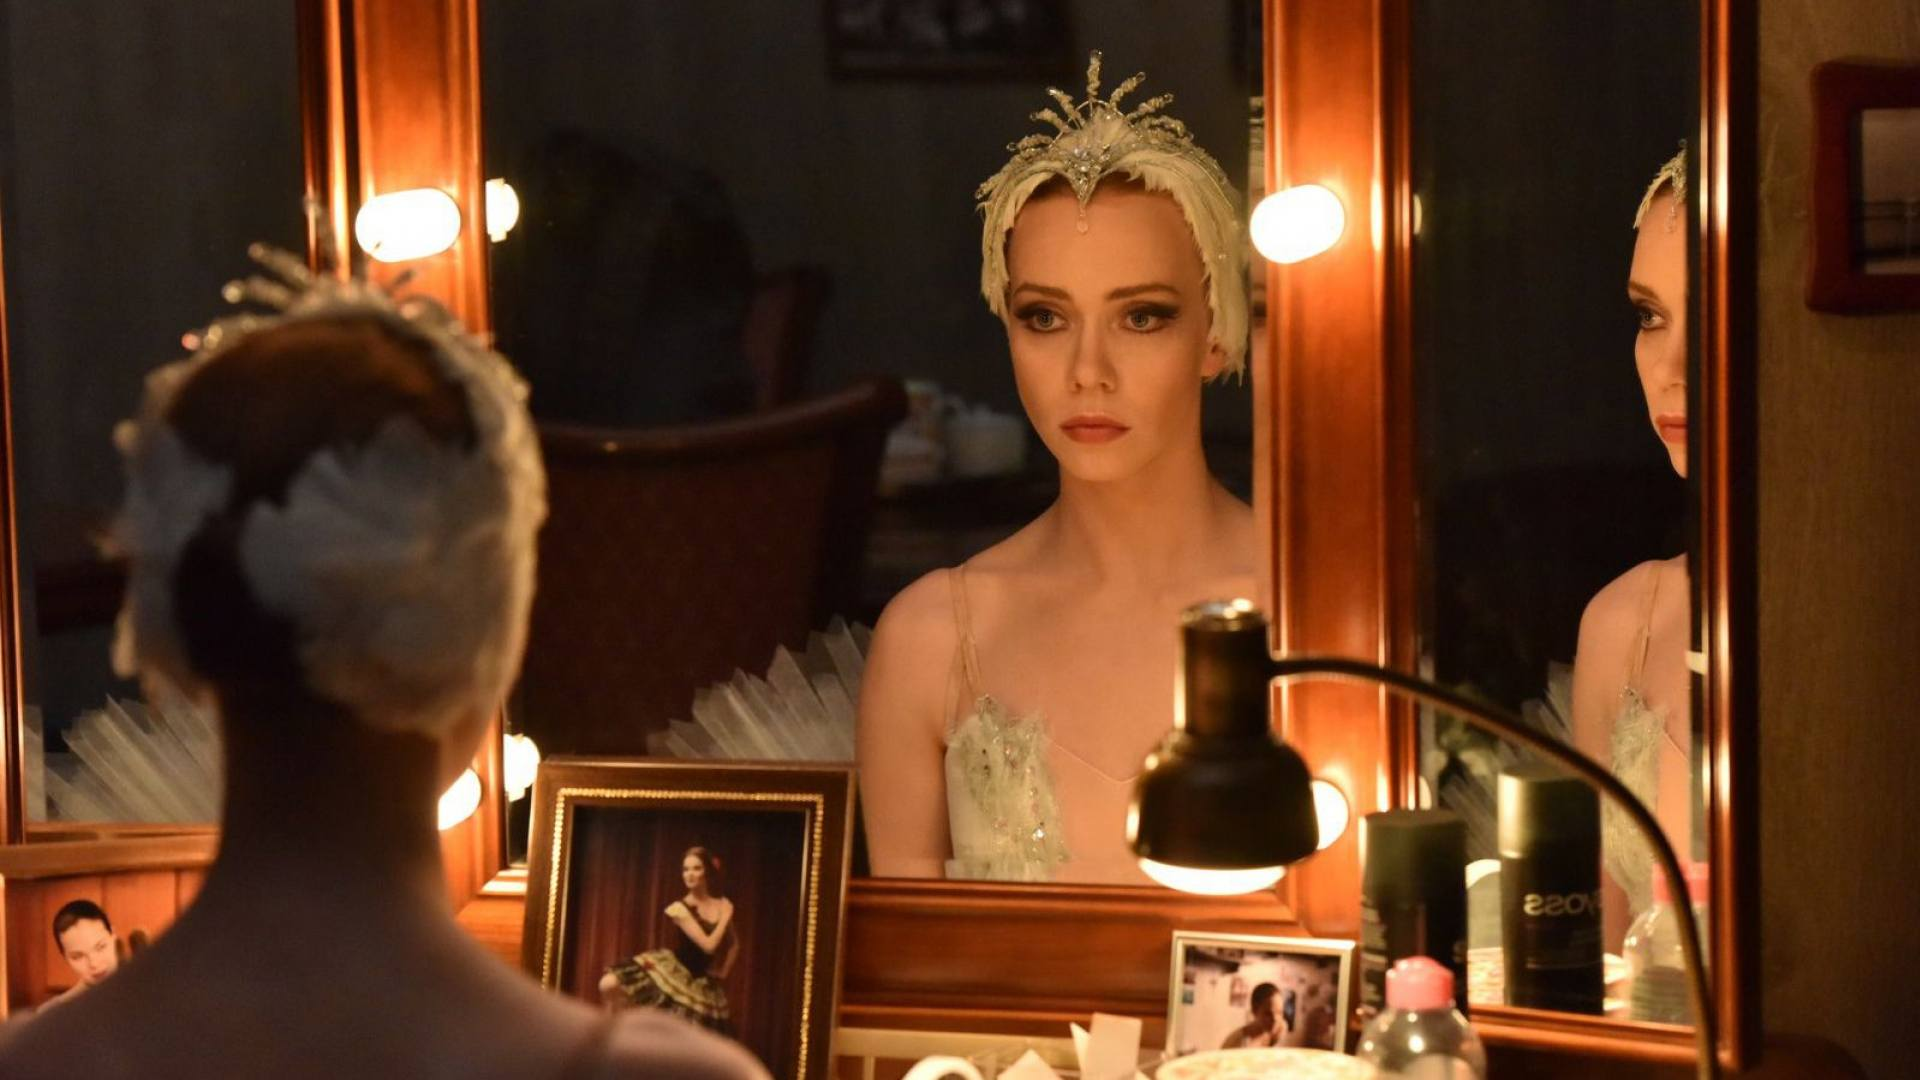 Балерина (2017) смотреть онлайн в хорошем качестве HD 720